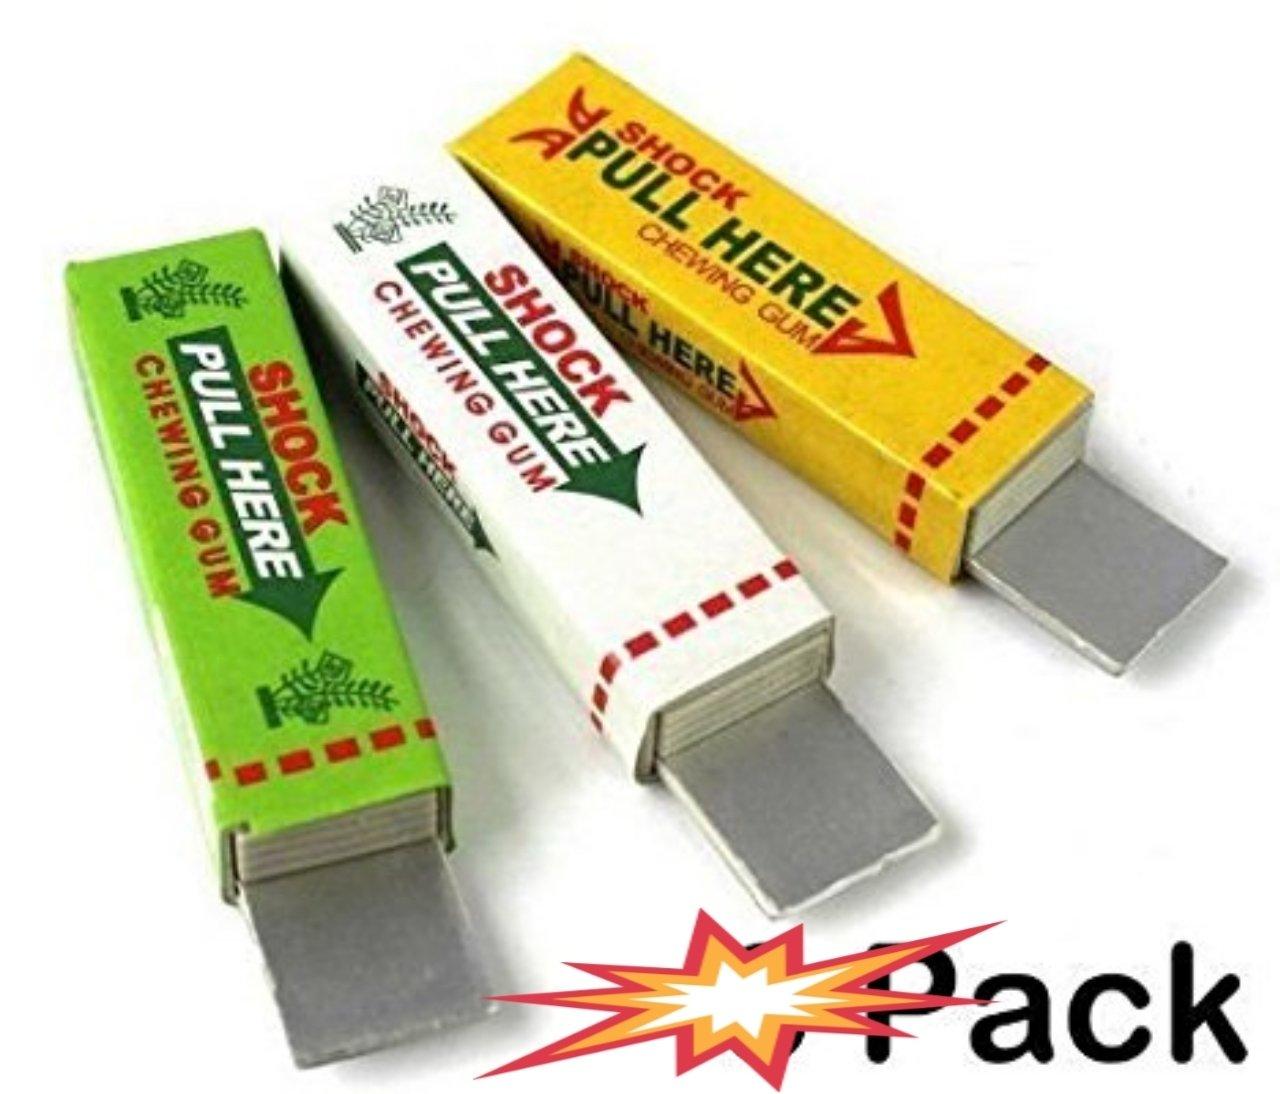 Chewing Gum Electrifiant pour Farceur & Blagueur - Electric Shock Chewing Gum